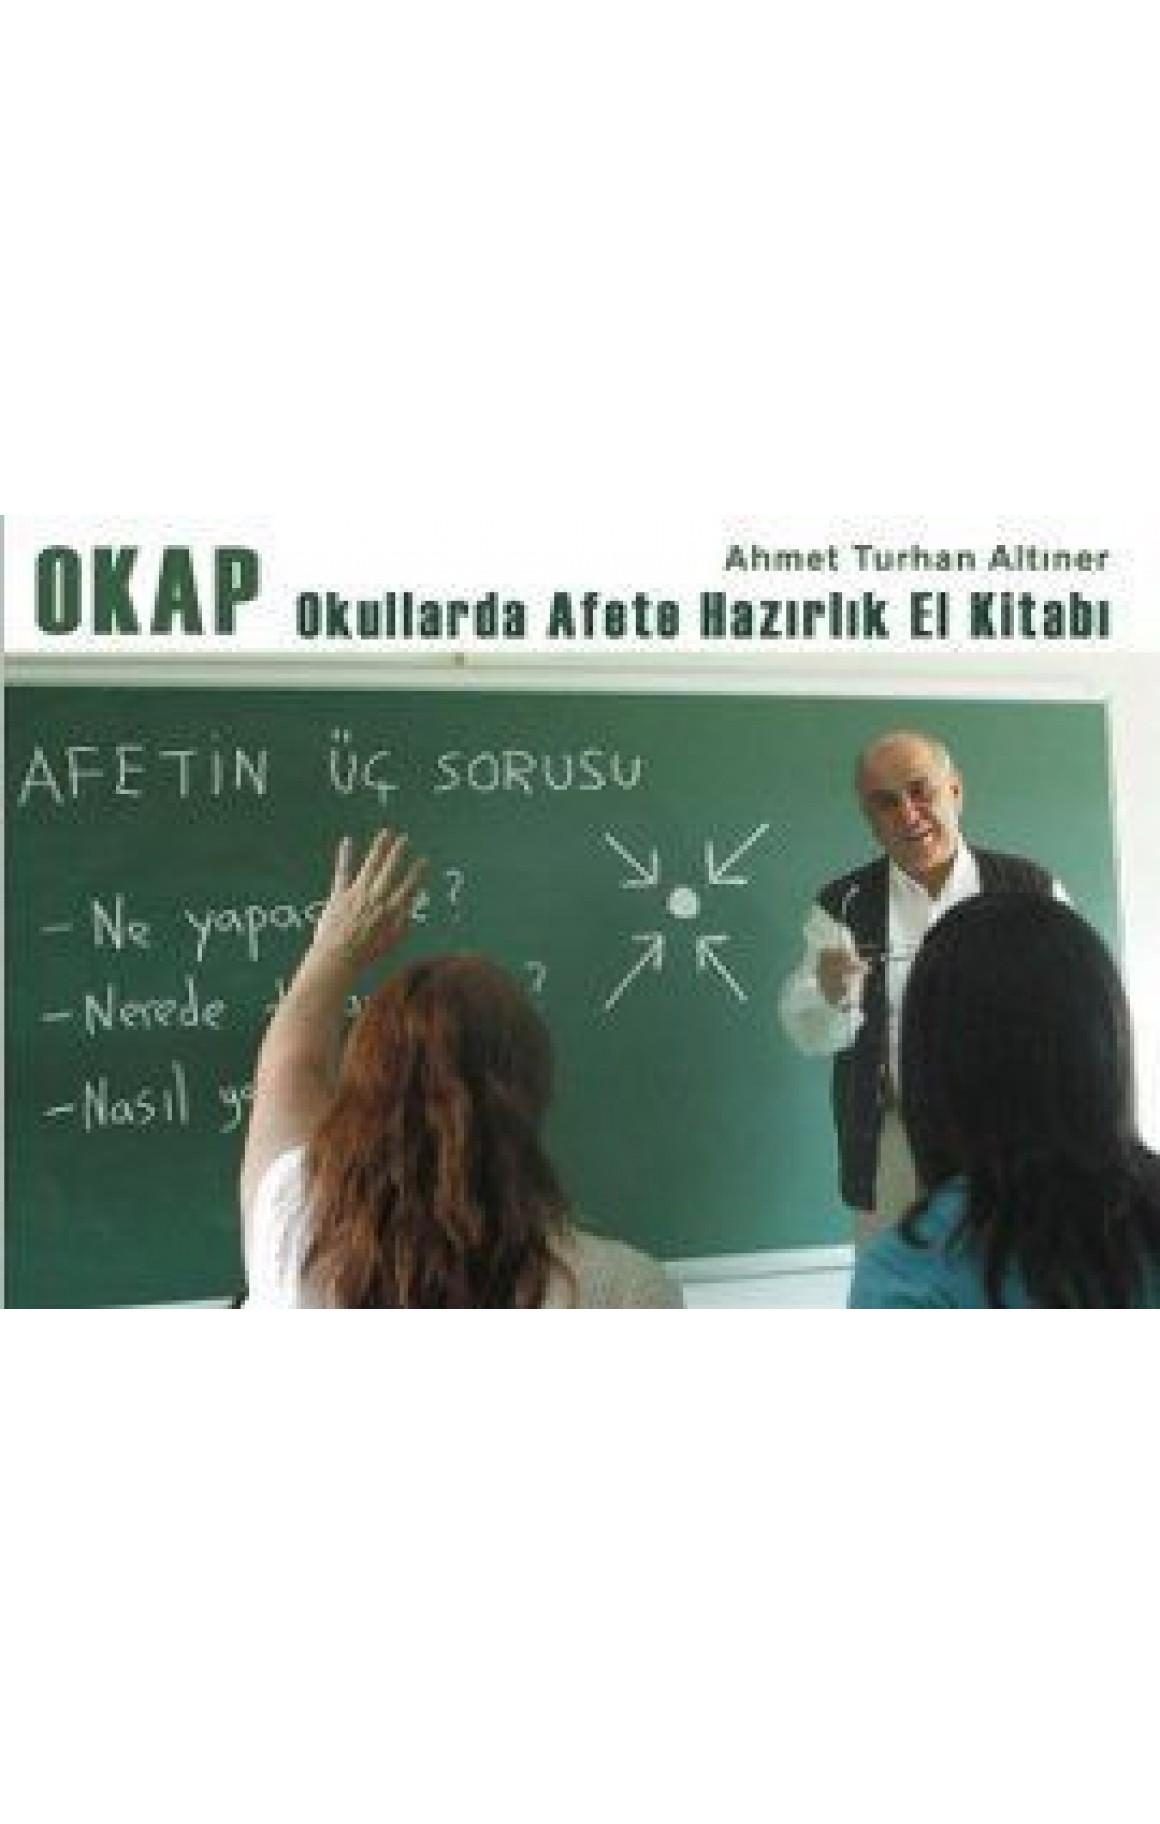 OKAP Okullarda Afete Hazırlık El Kitabı